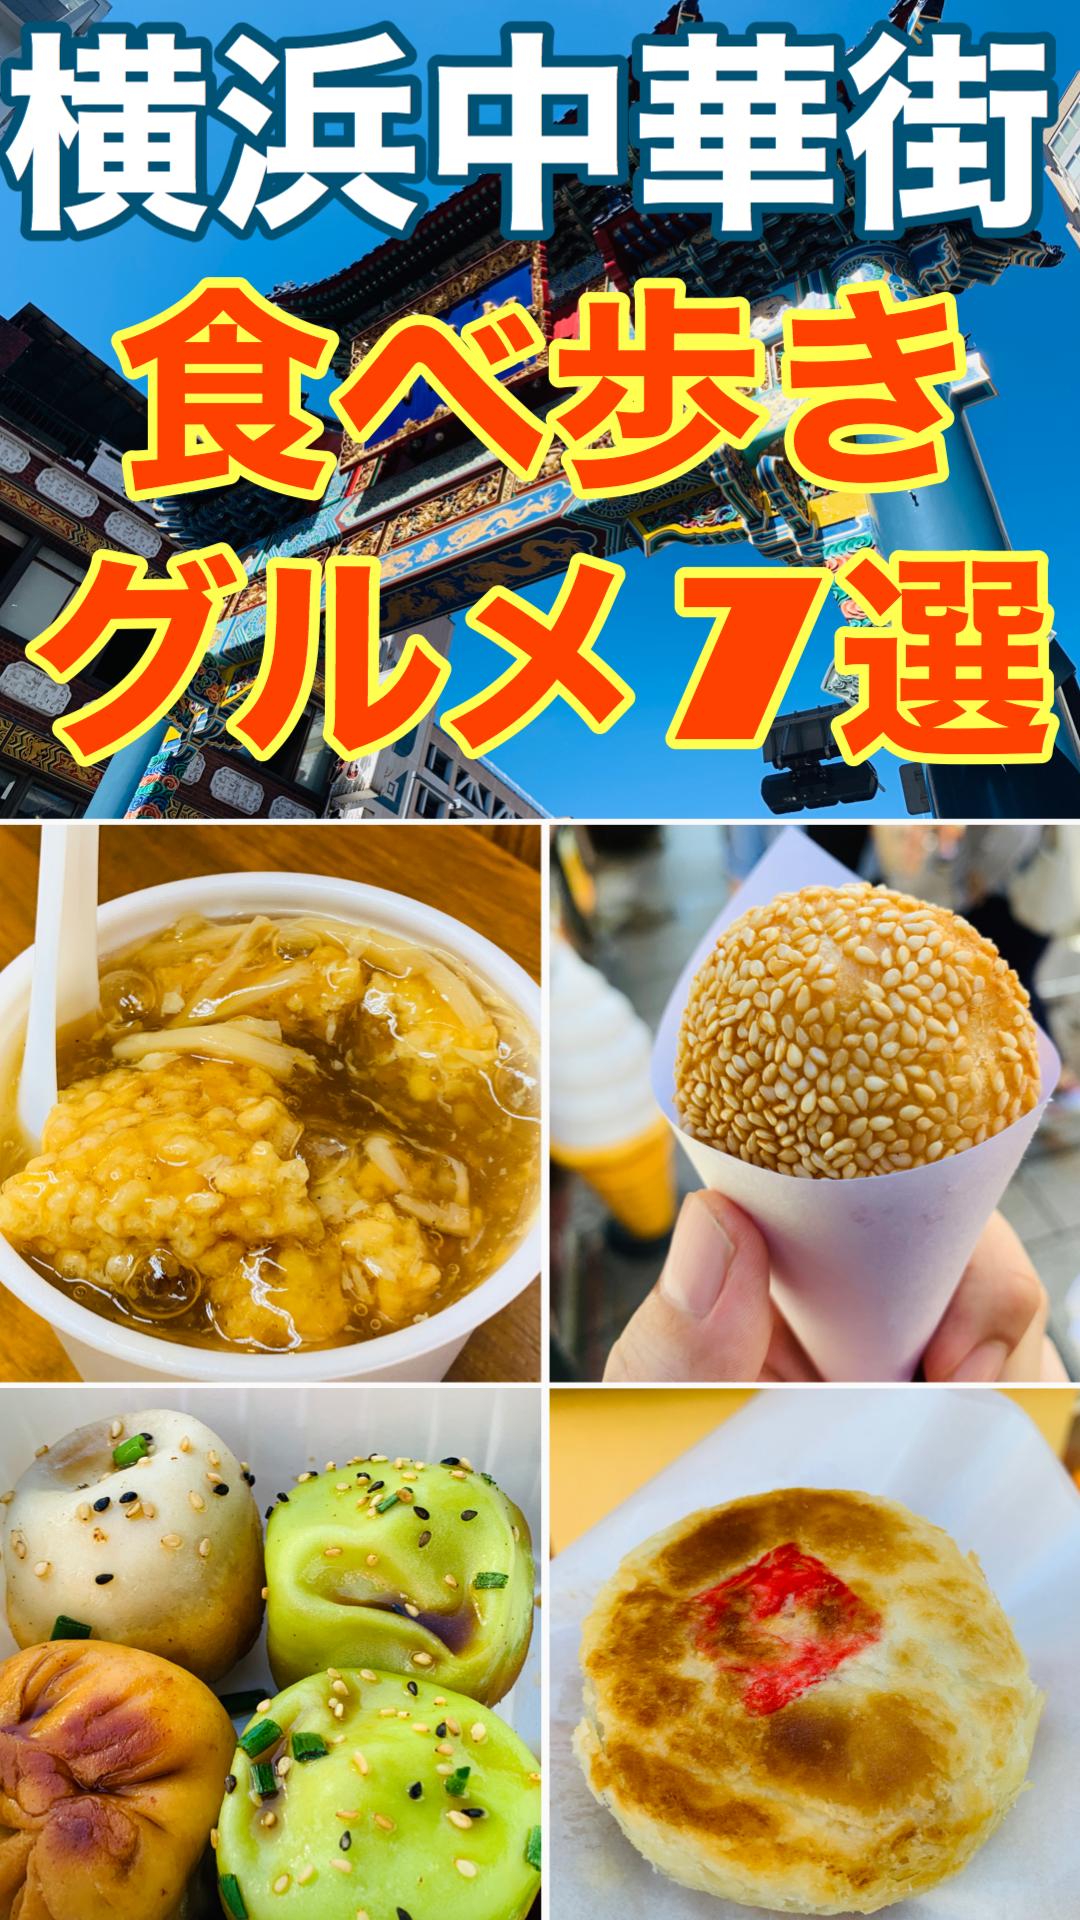 スポット 歩き 東京 食べ